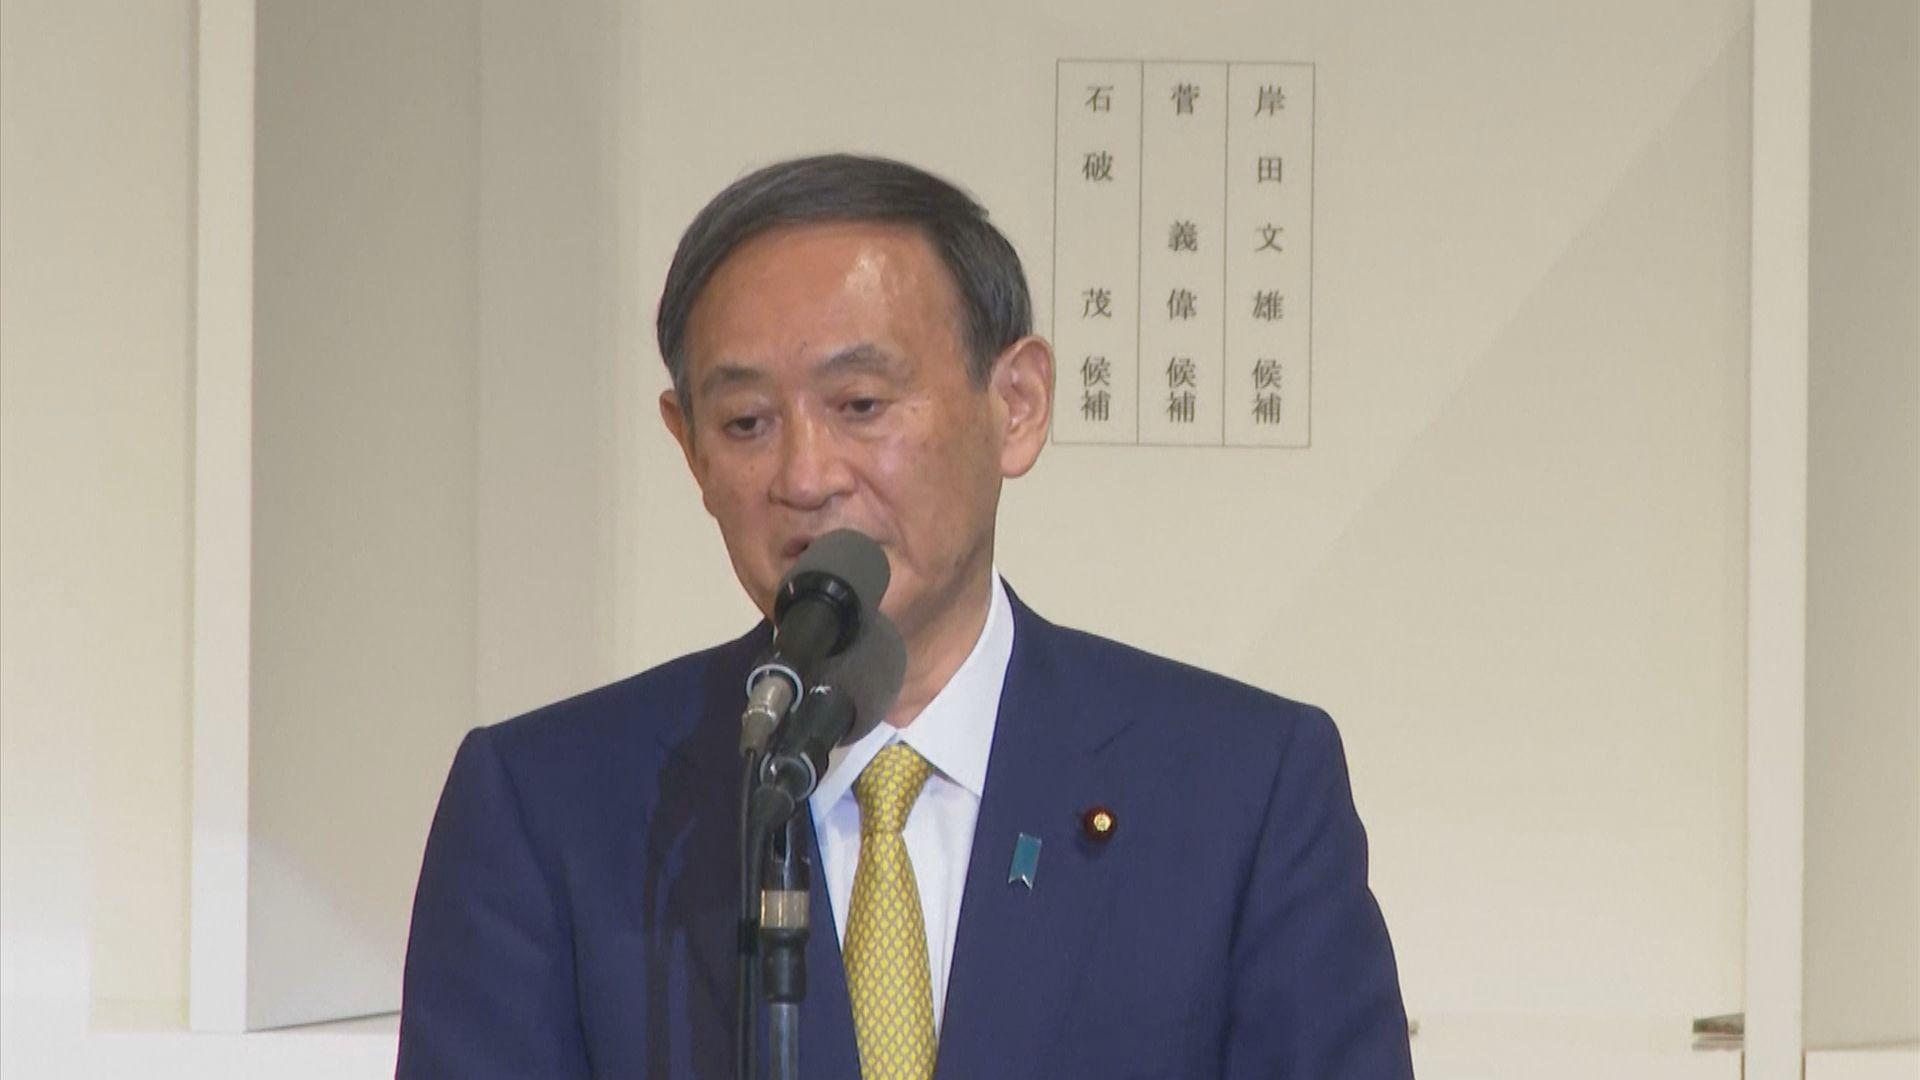 菅義偉:應基於自由和基本人權應對新疆及香港問題